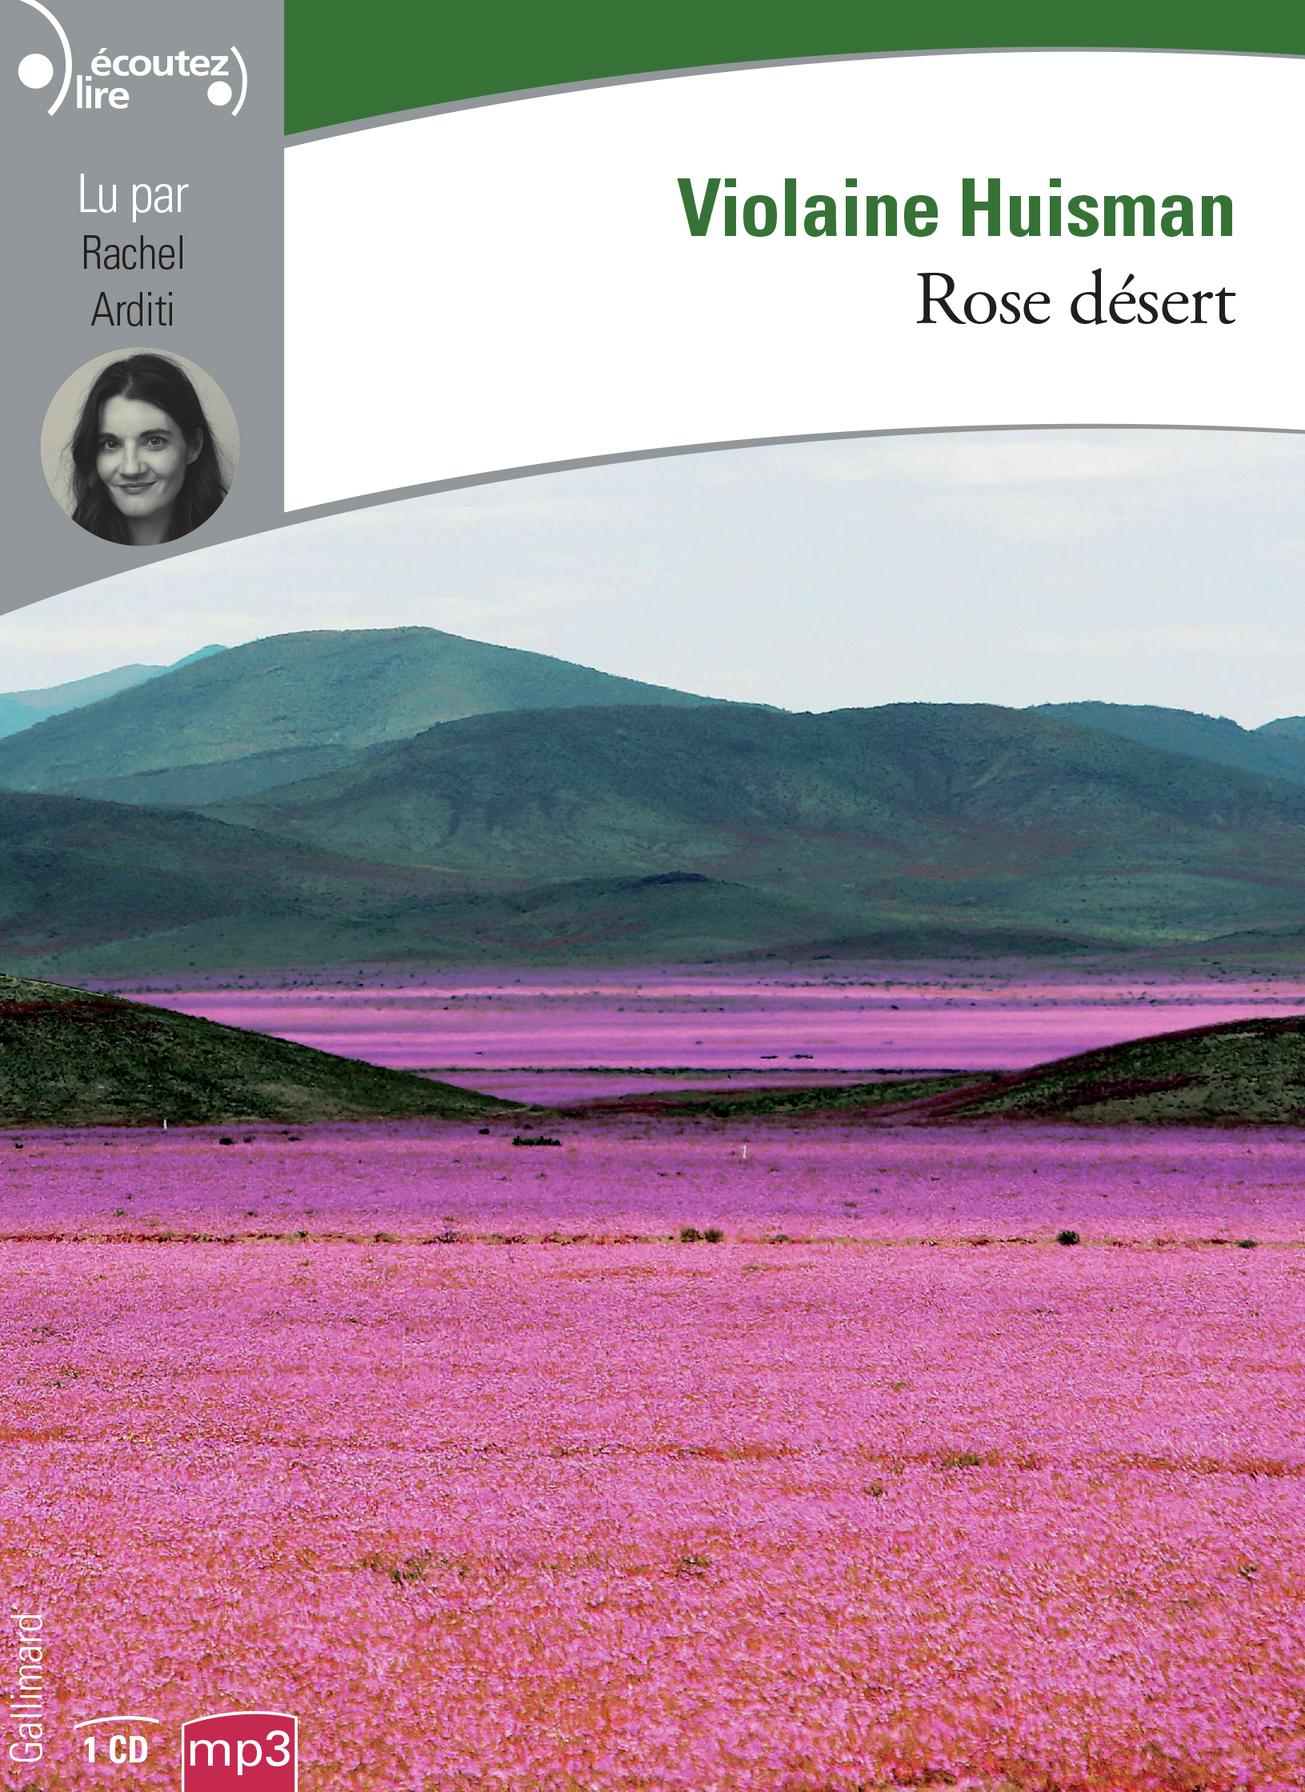 ROSE DESERT